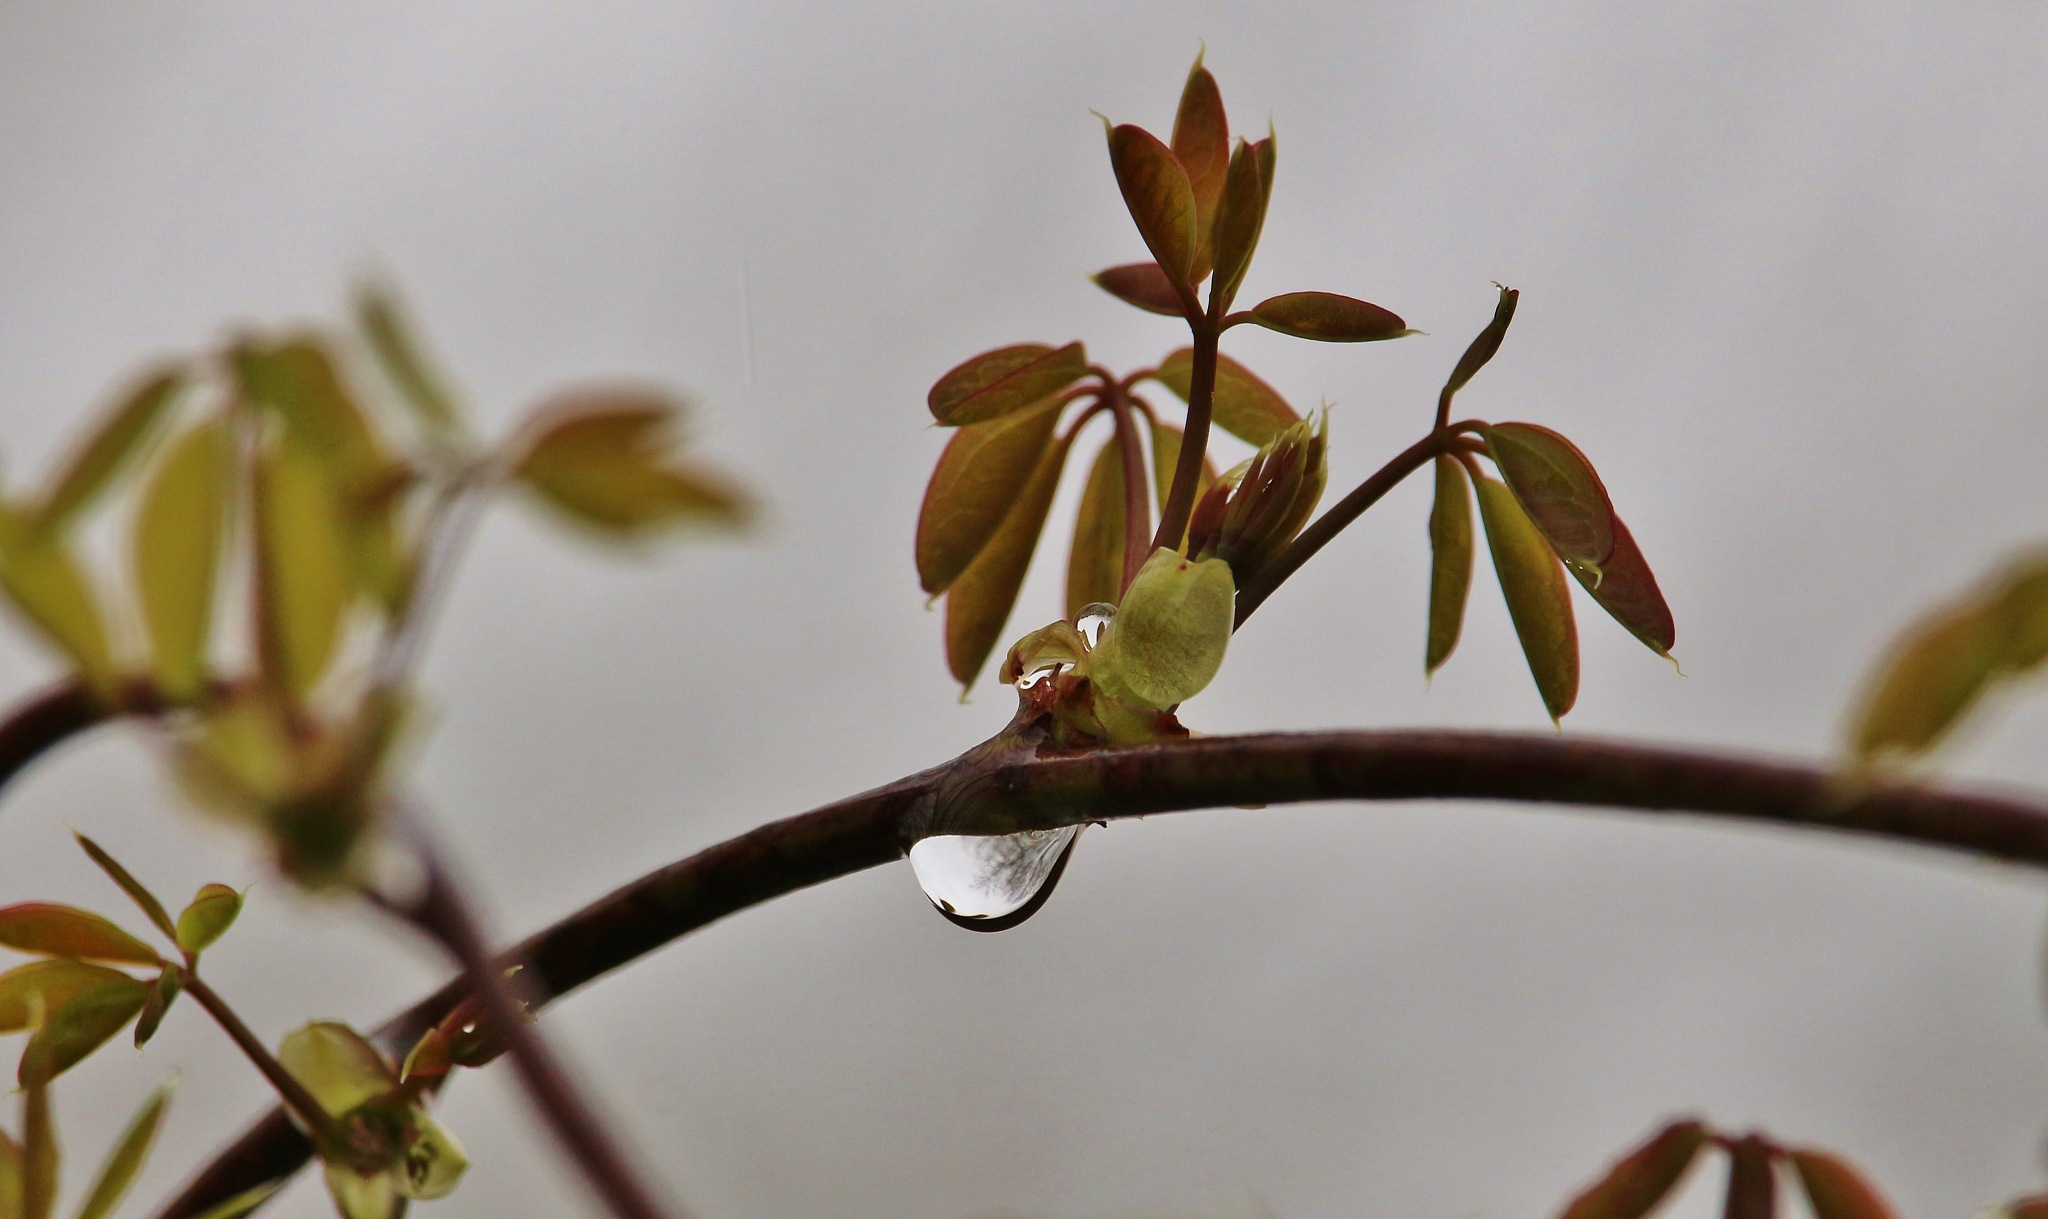 A rainy day by Evie Tinnevelt